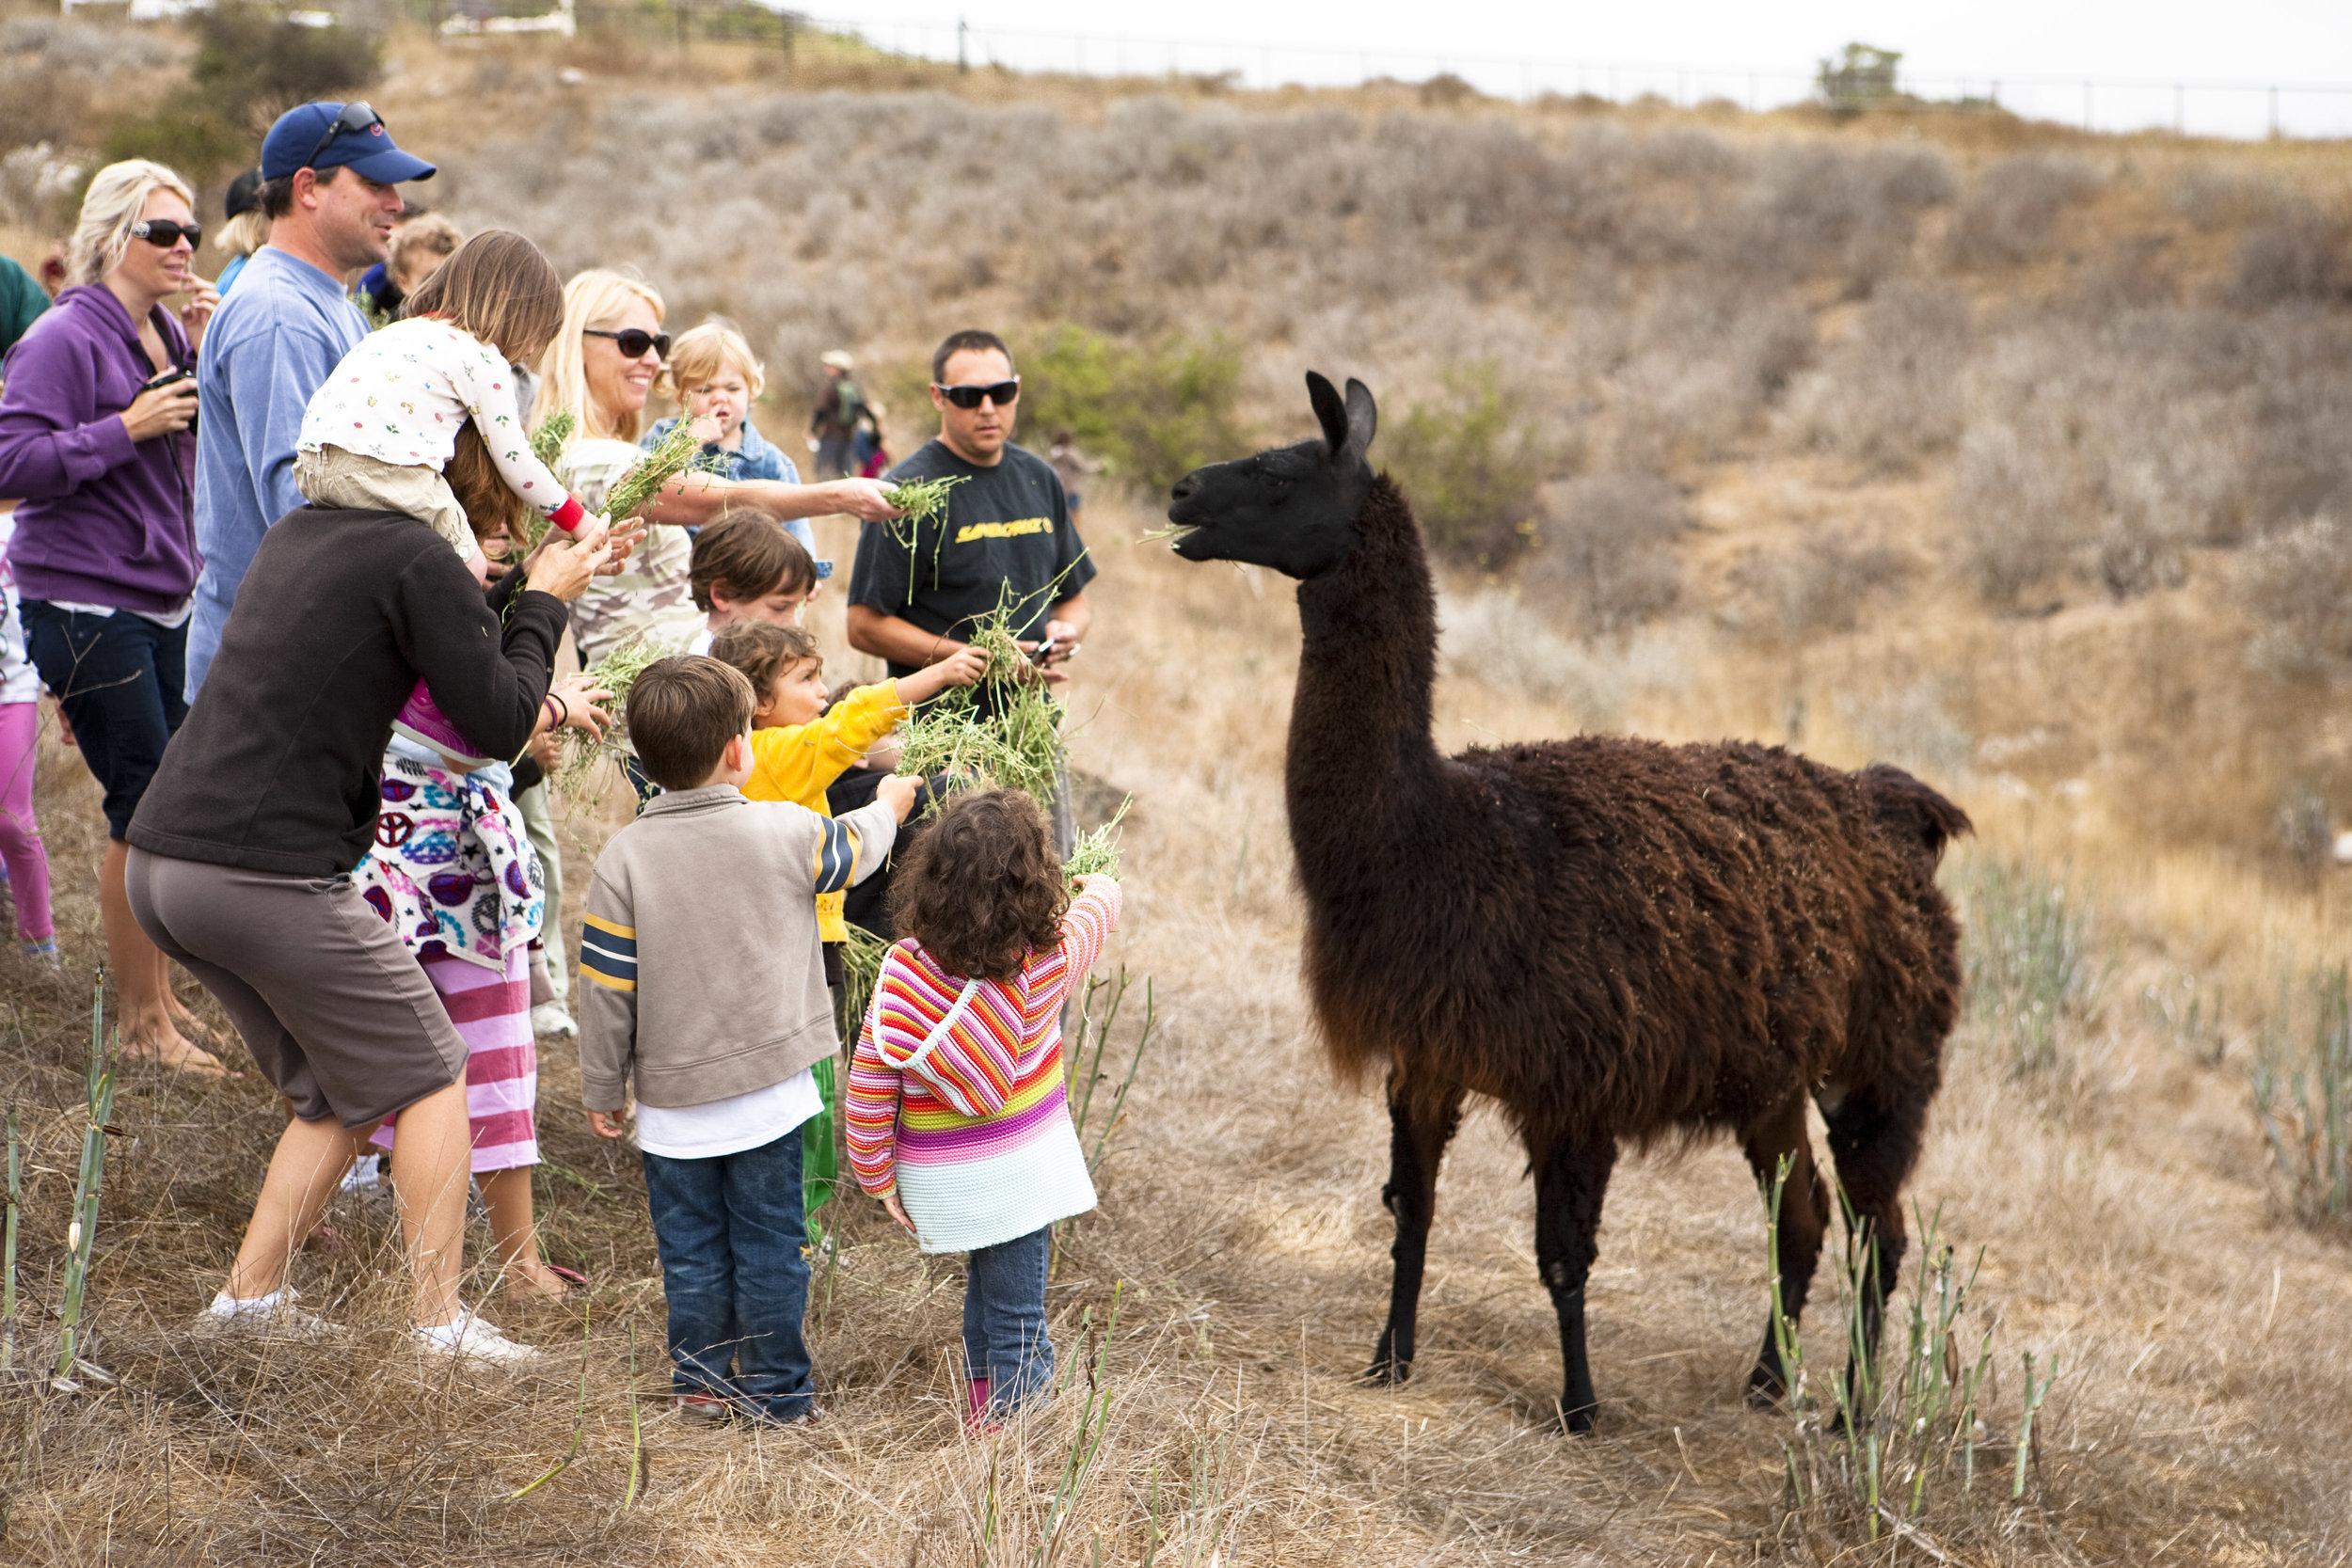 Feeding-the-Llama.jpg